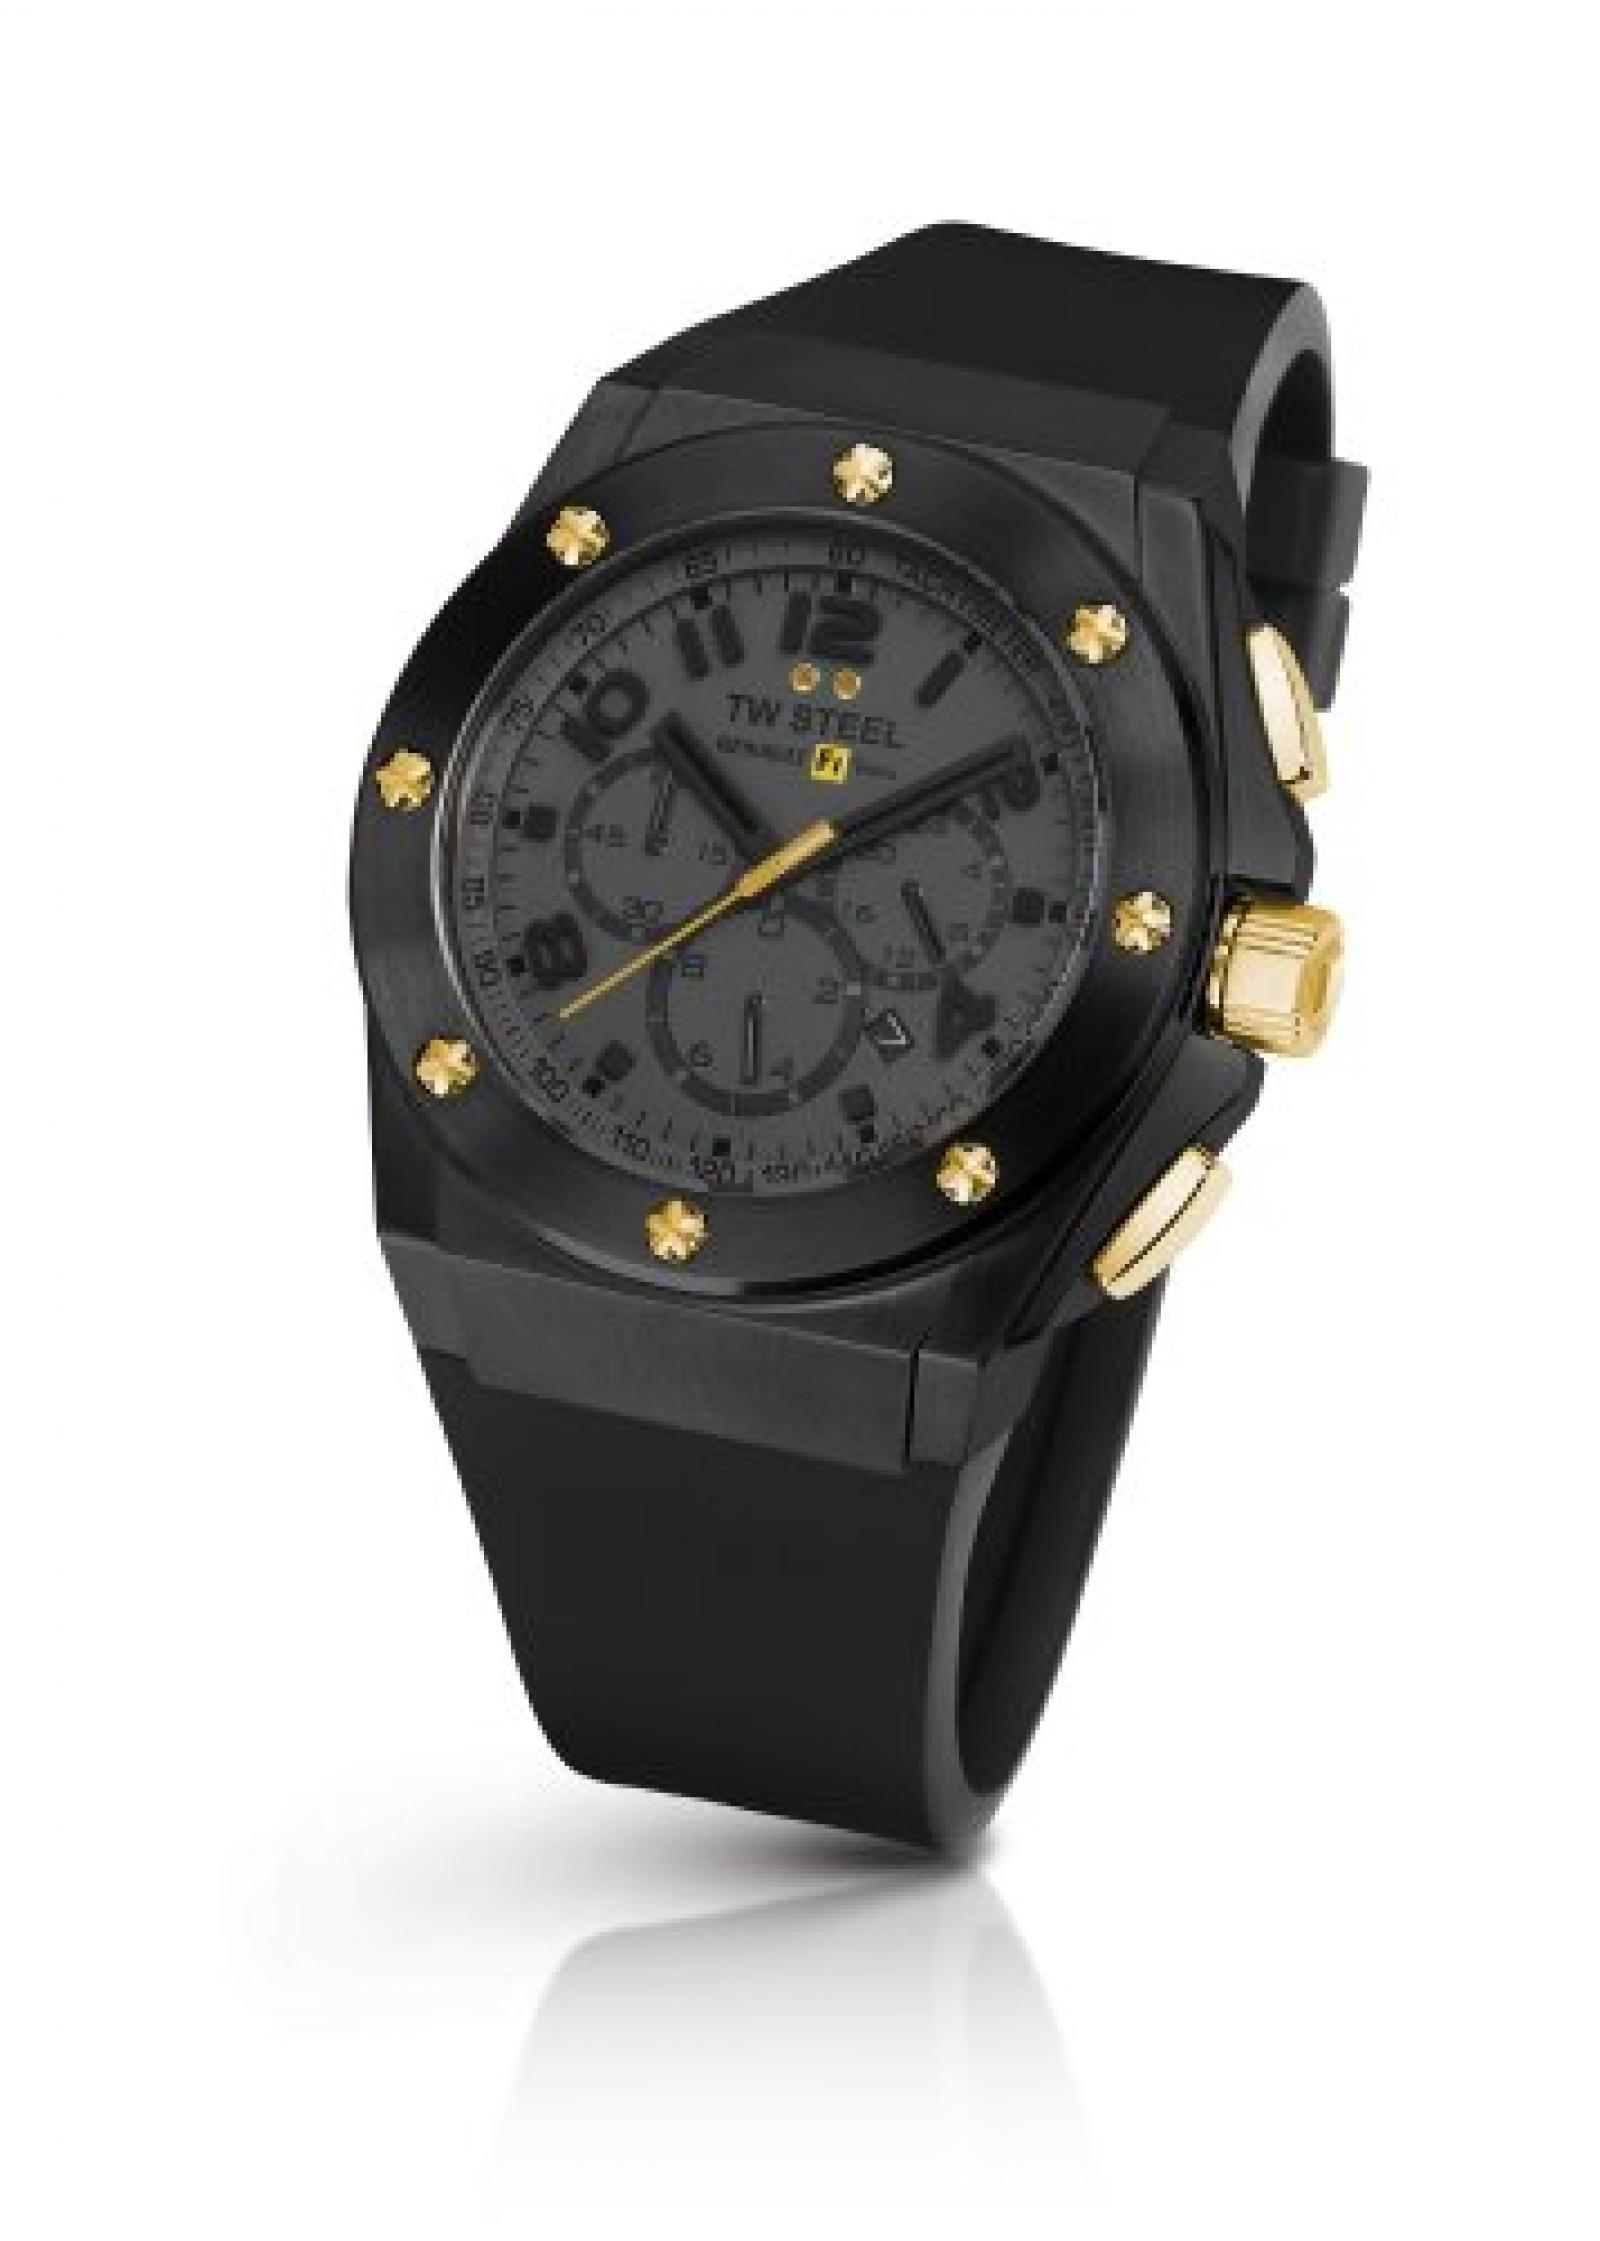 TW Steel Herren-Armbanduhr Chronograph TW682